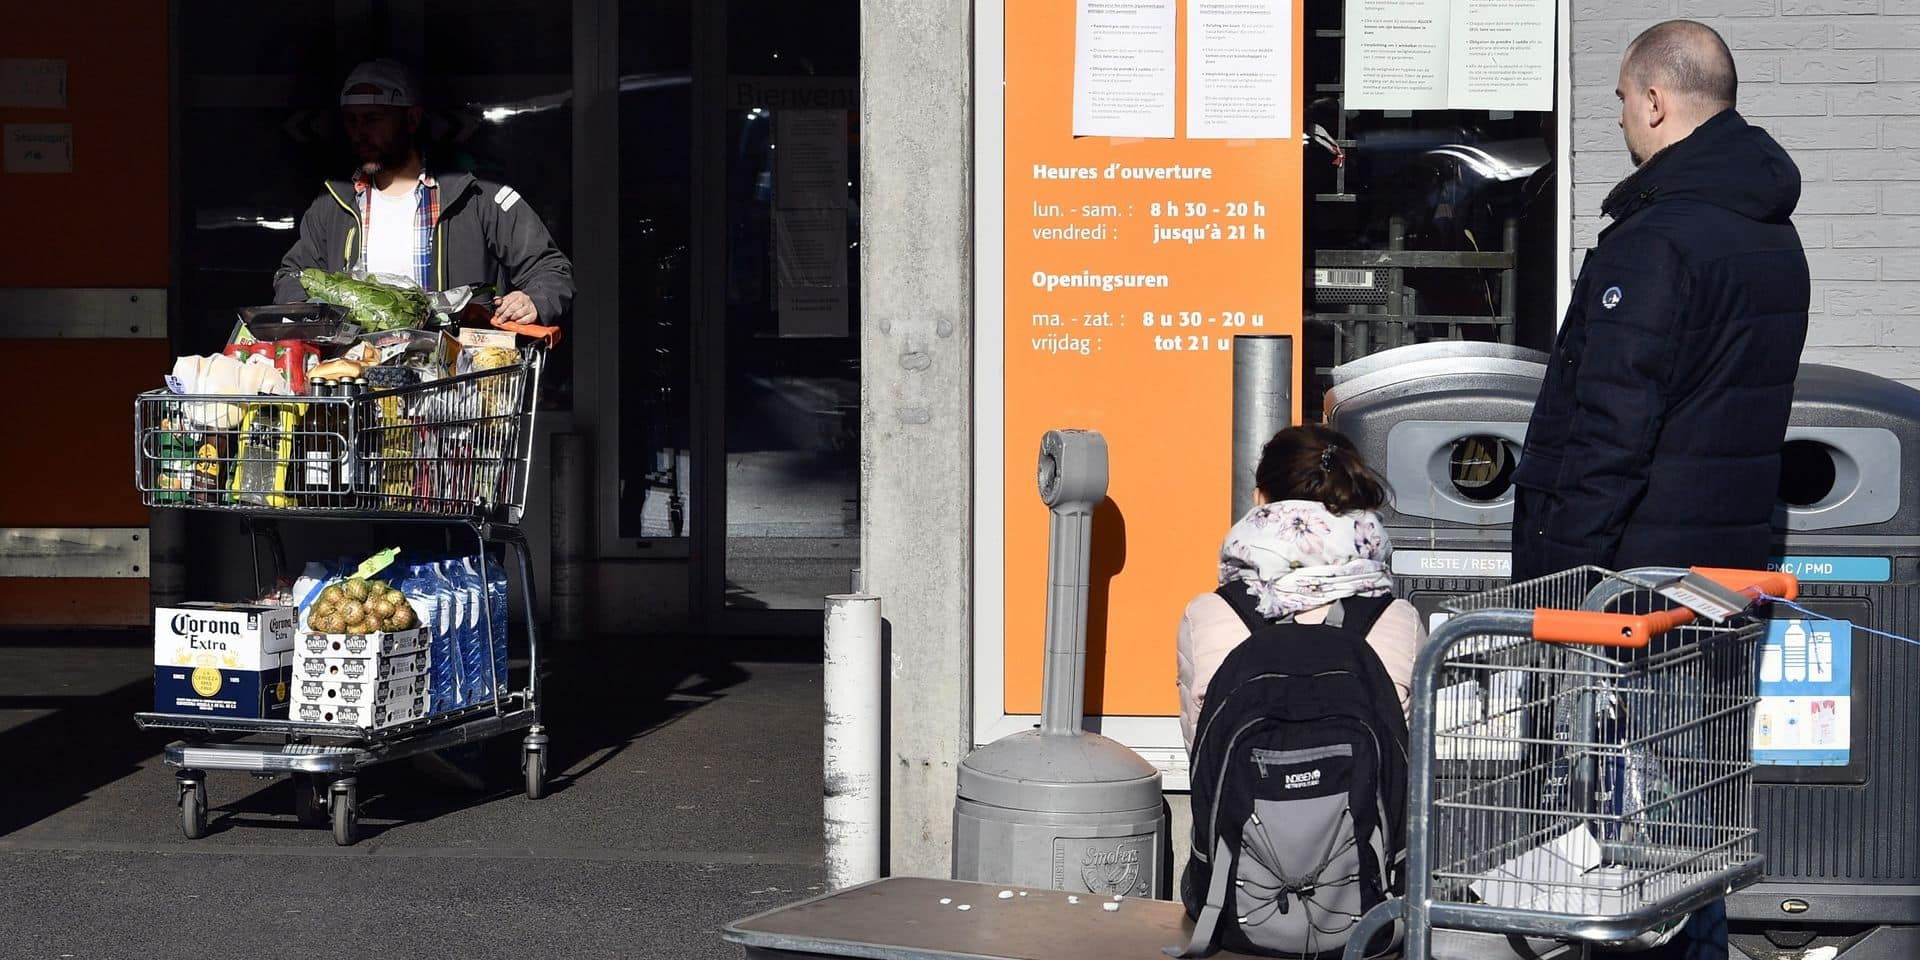 La situation se normalise dans les supermarchés belges: plus de nouvelle ruée ni de débordements